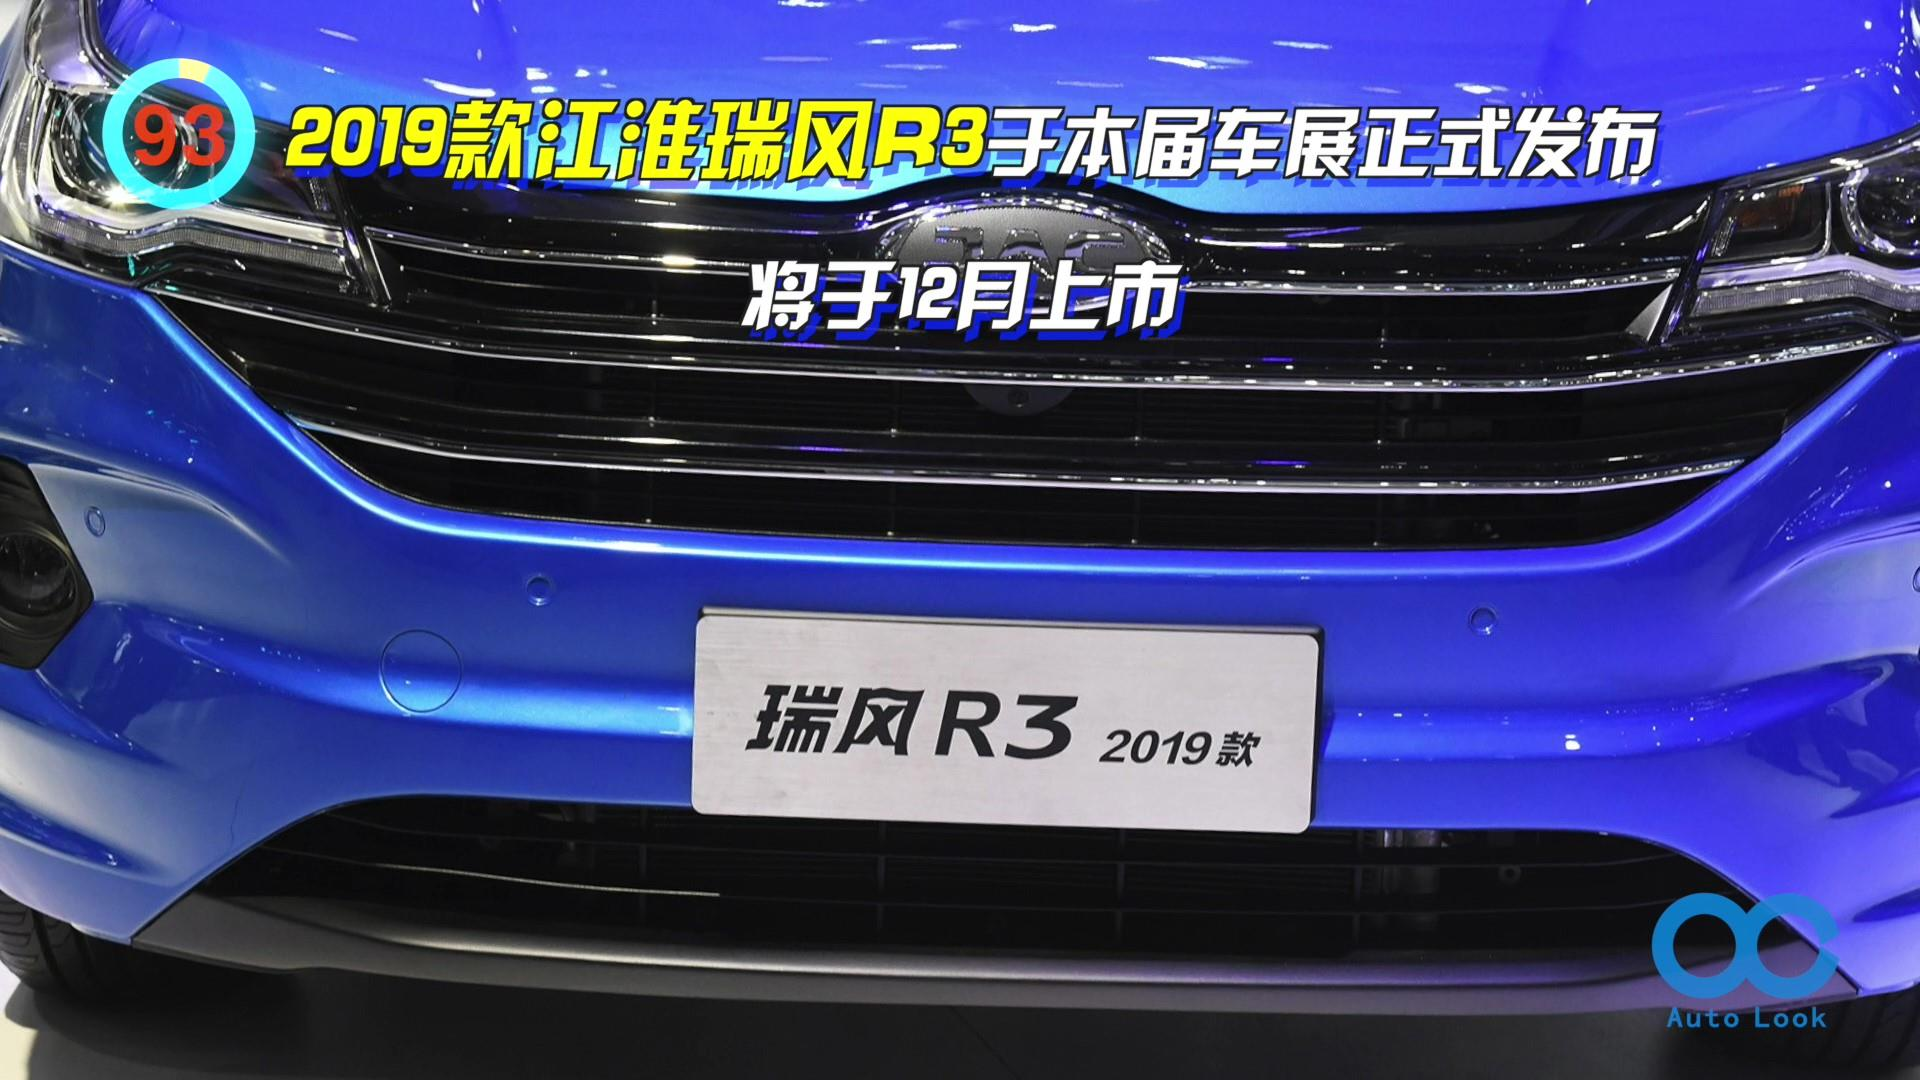 瑞风R3 全新U型前脸设计 定位入门价格更合理